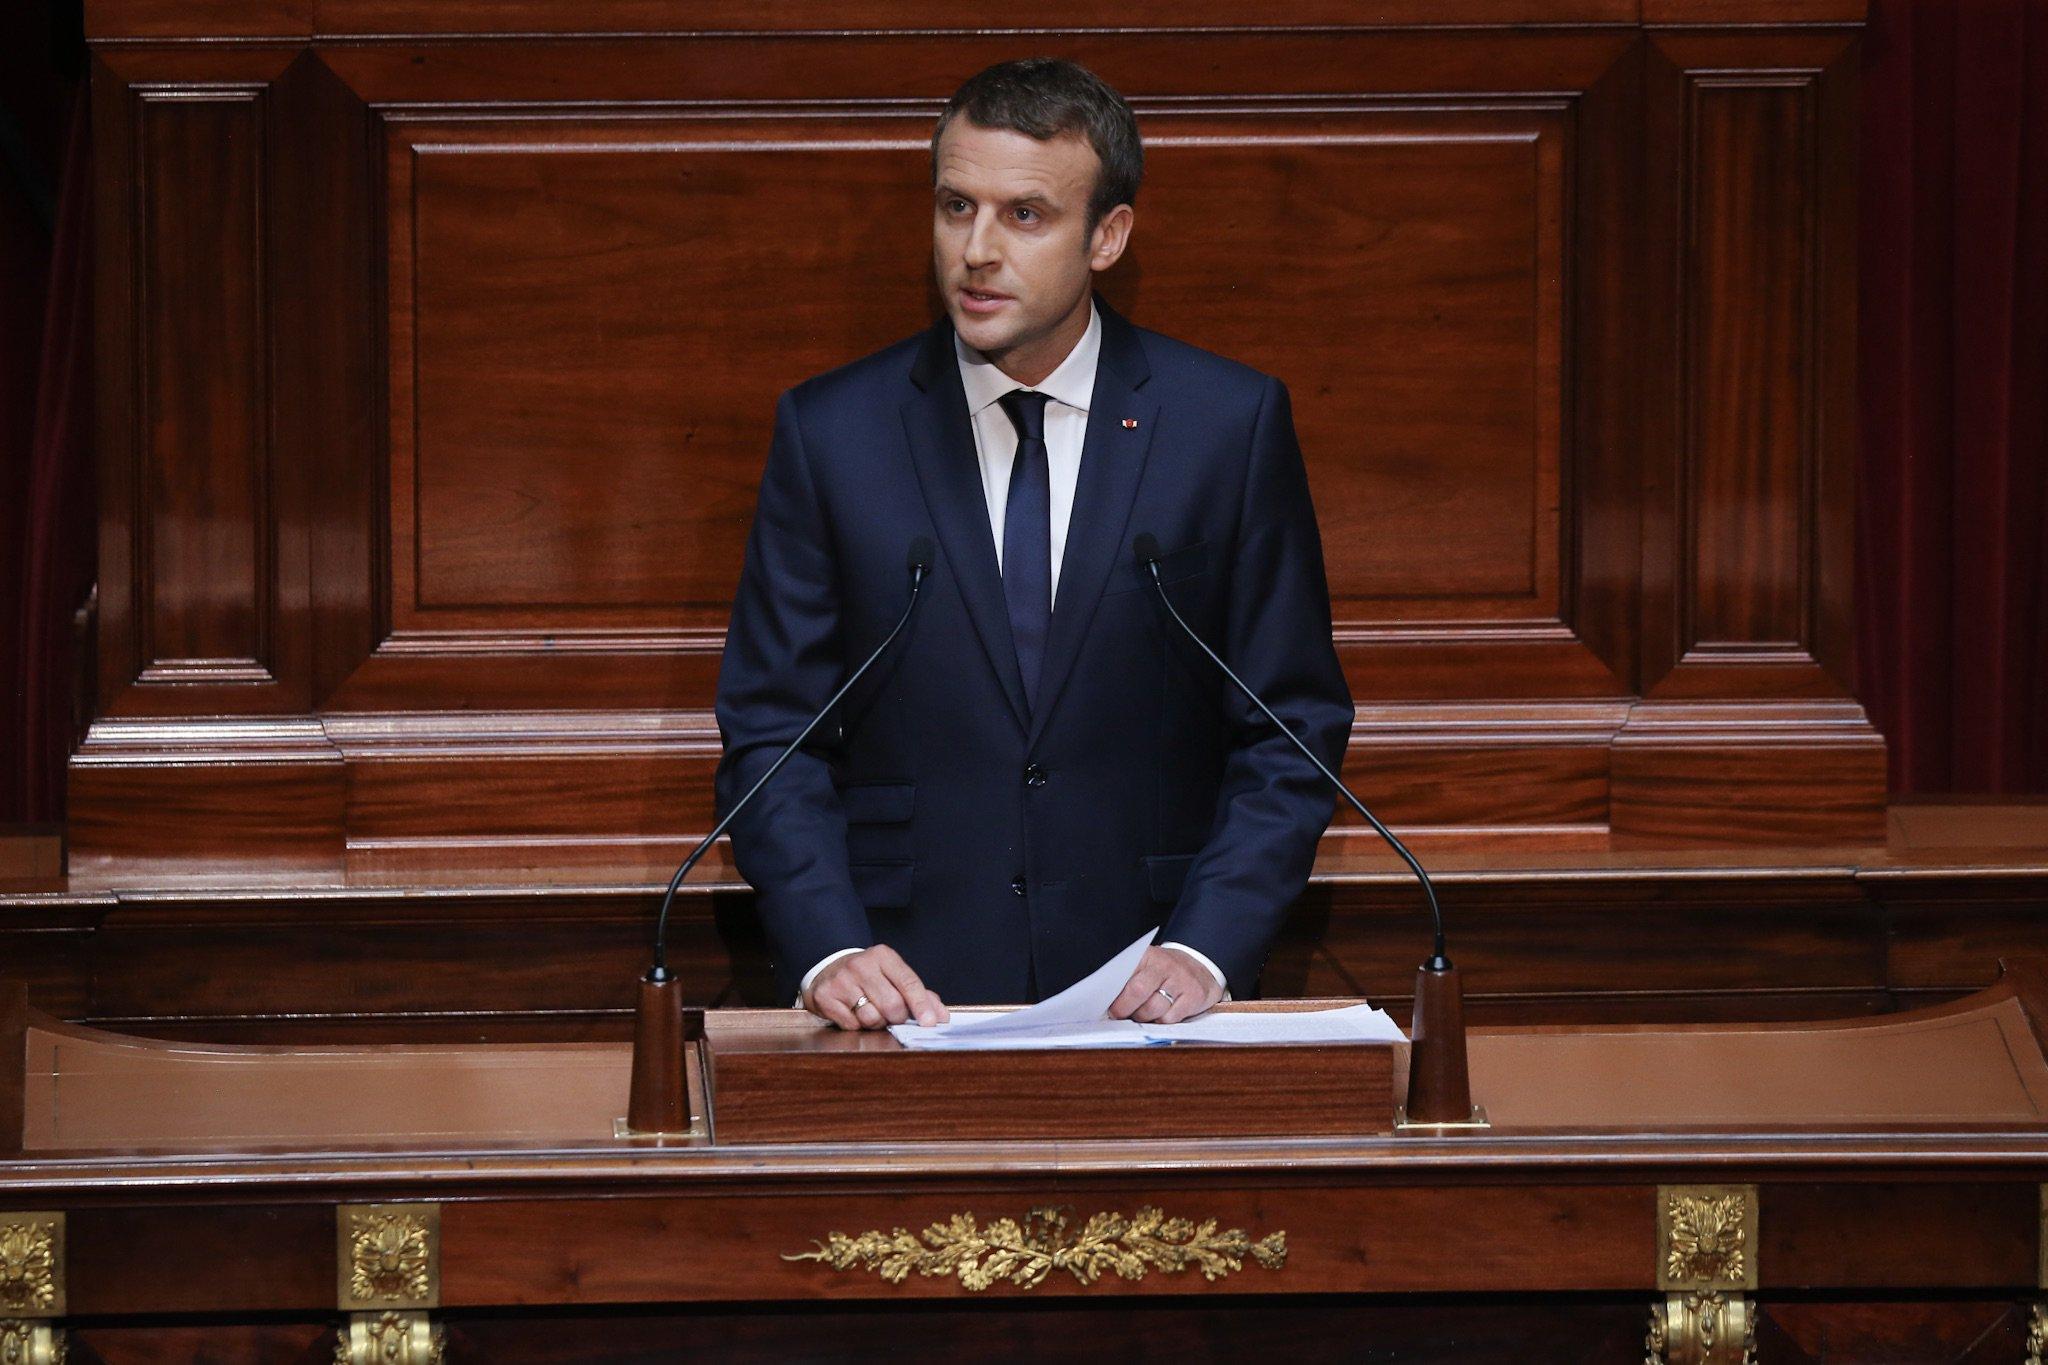 Nous devons, à chaque instant, être à la hauteur de cet espoir français. https://t.co/A8ka5DwnYc